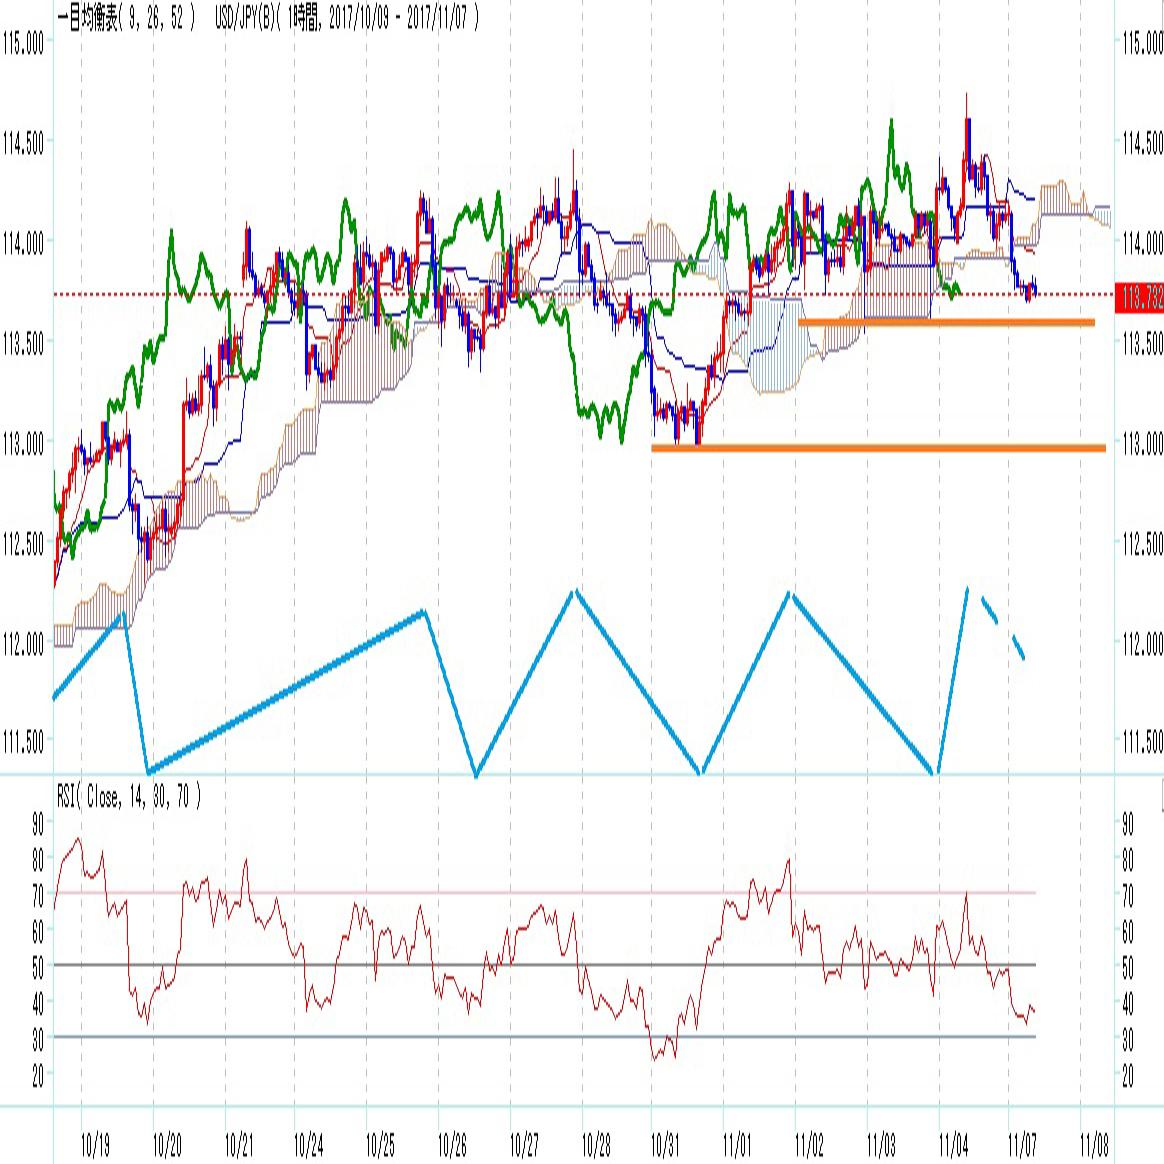 ドル円見通し 2週間前と同じ動きとなるか攻防点(11/7)